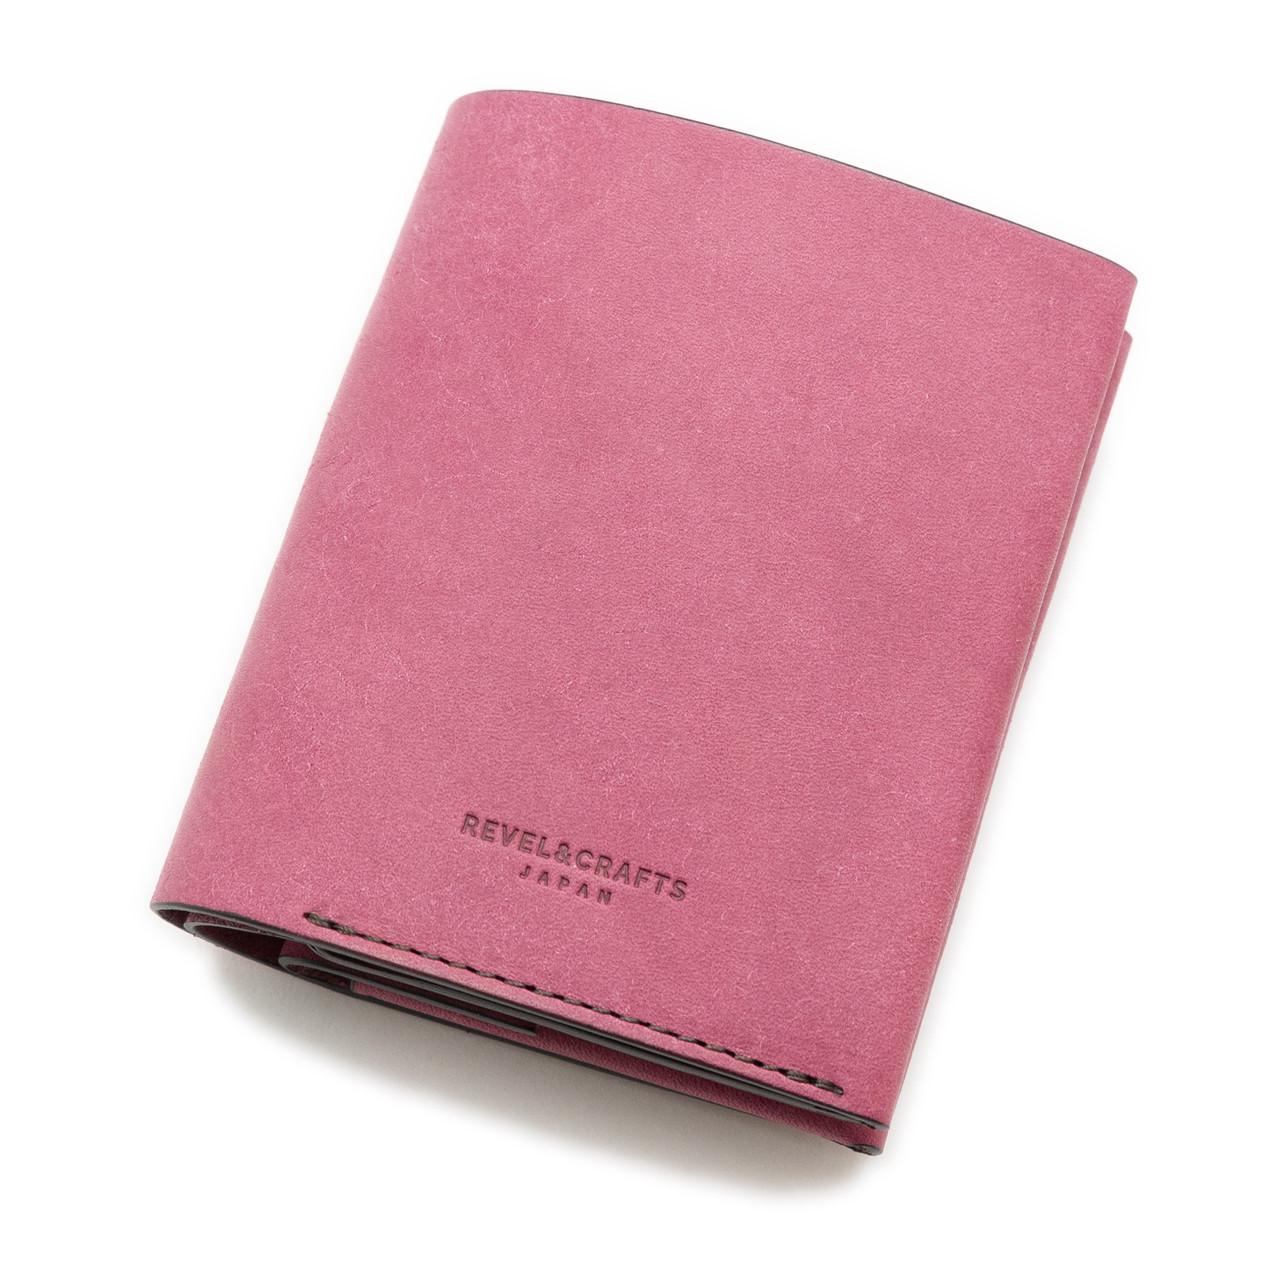 [限定]2折コンパクト財布 - ENOUGH イタリアンスクラッチ 紫陽花